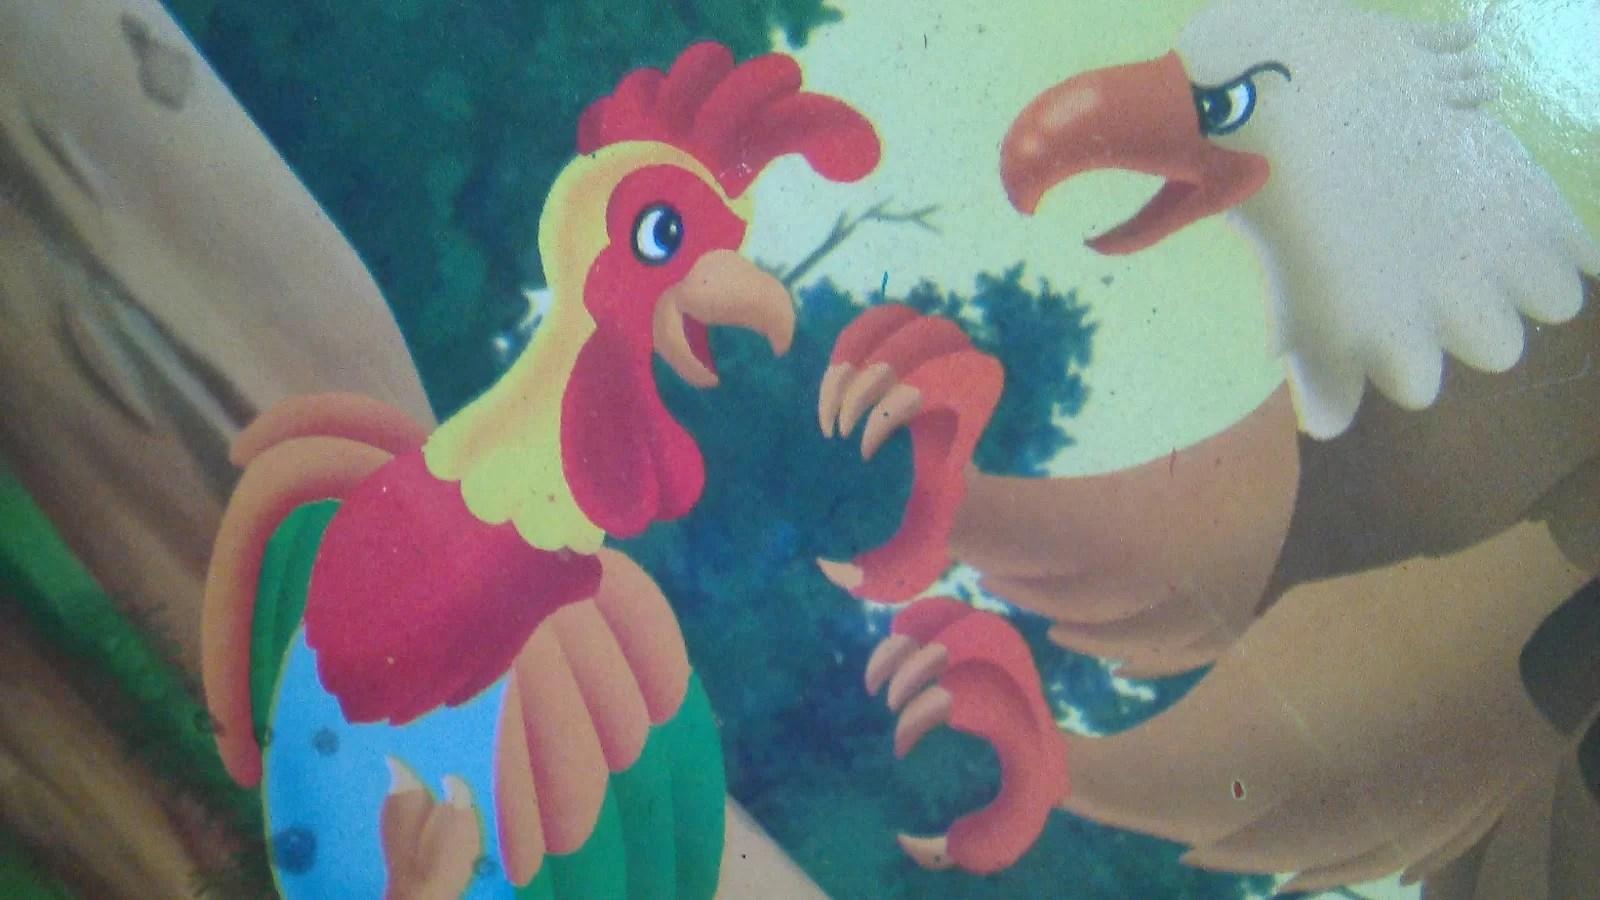 Dongeng Cerpen Bergambar Kisah Ayam dan Elang